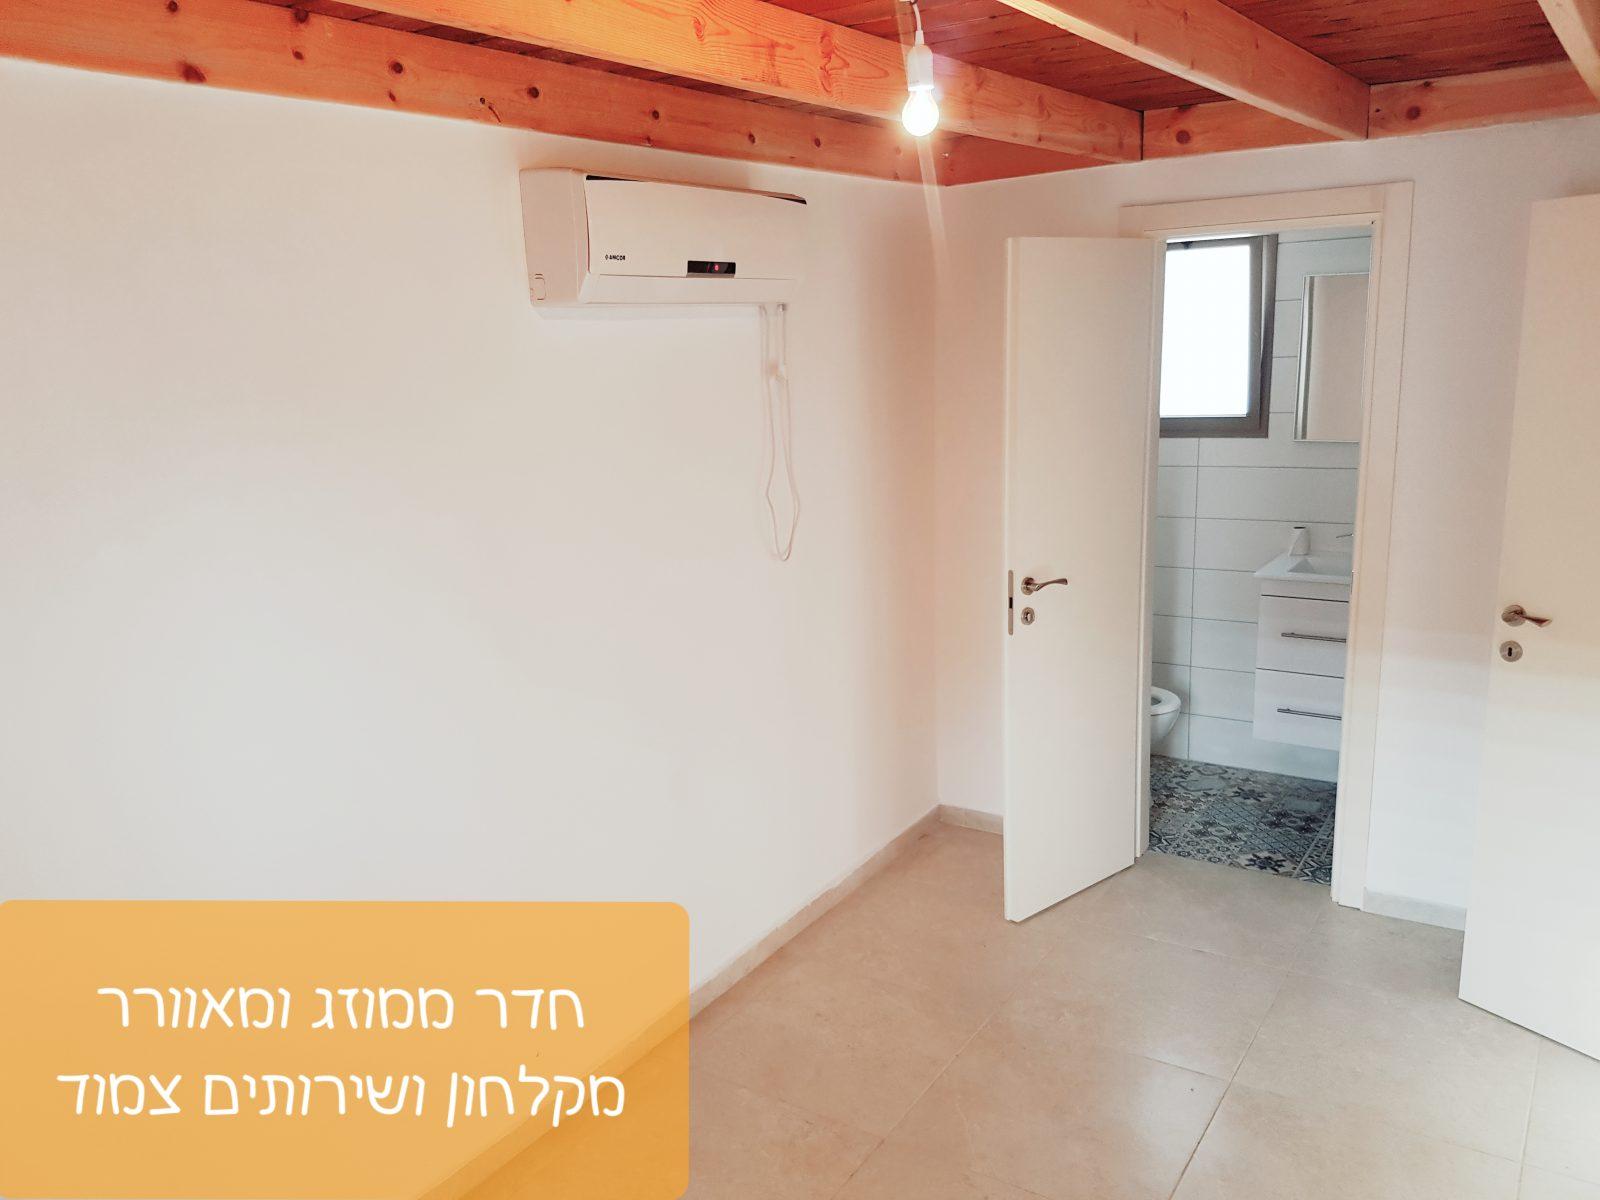 דירת 2 חדרים להשכרה בקריית ביאליק